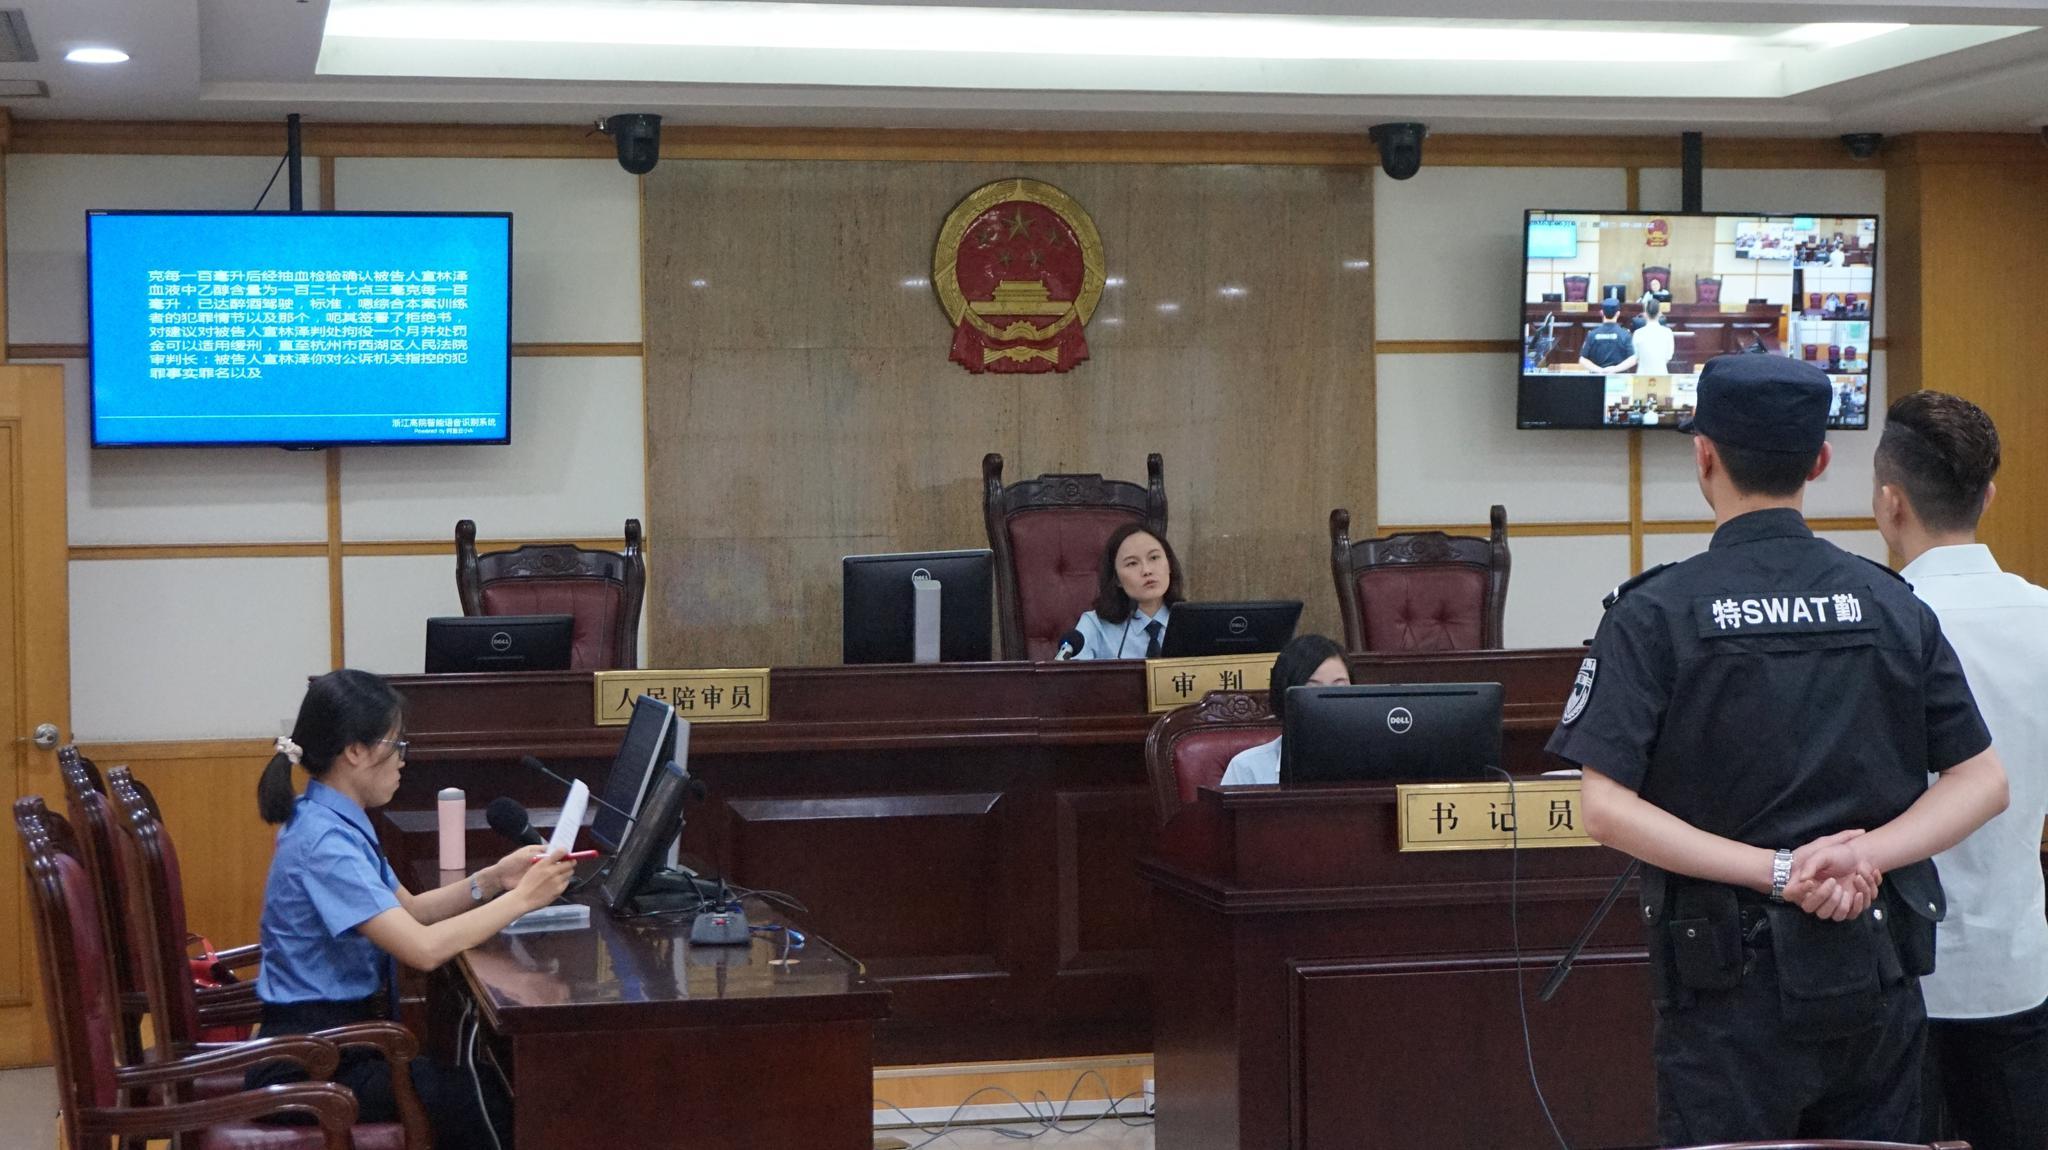 AI将替代书记员出庭 上海法院启动庭审记录改革